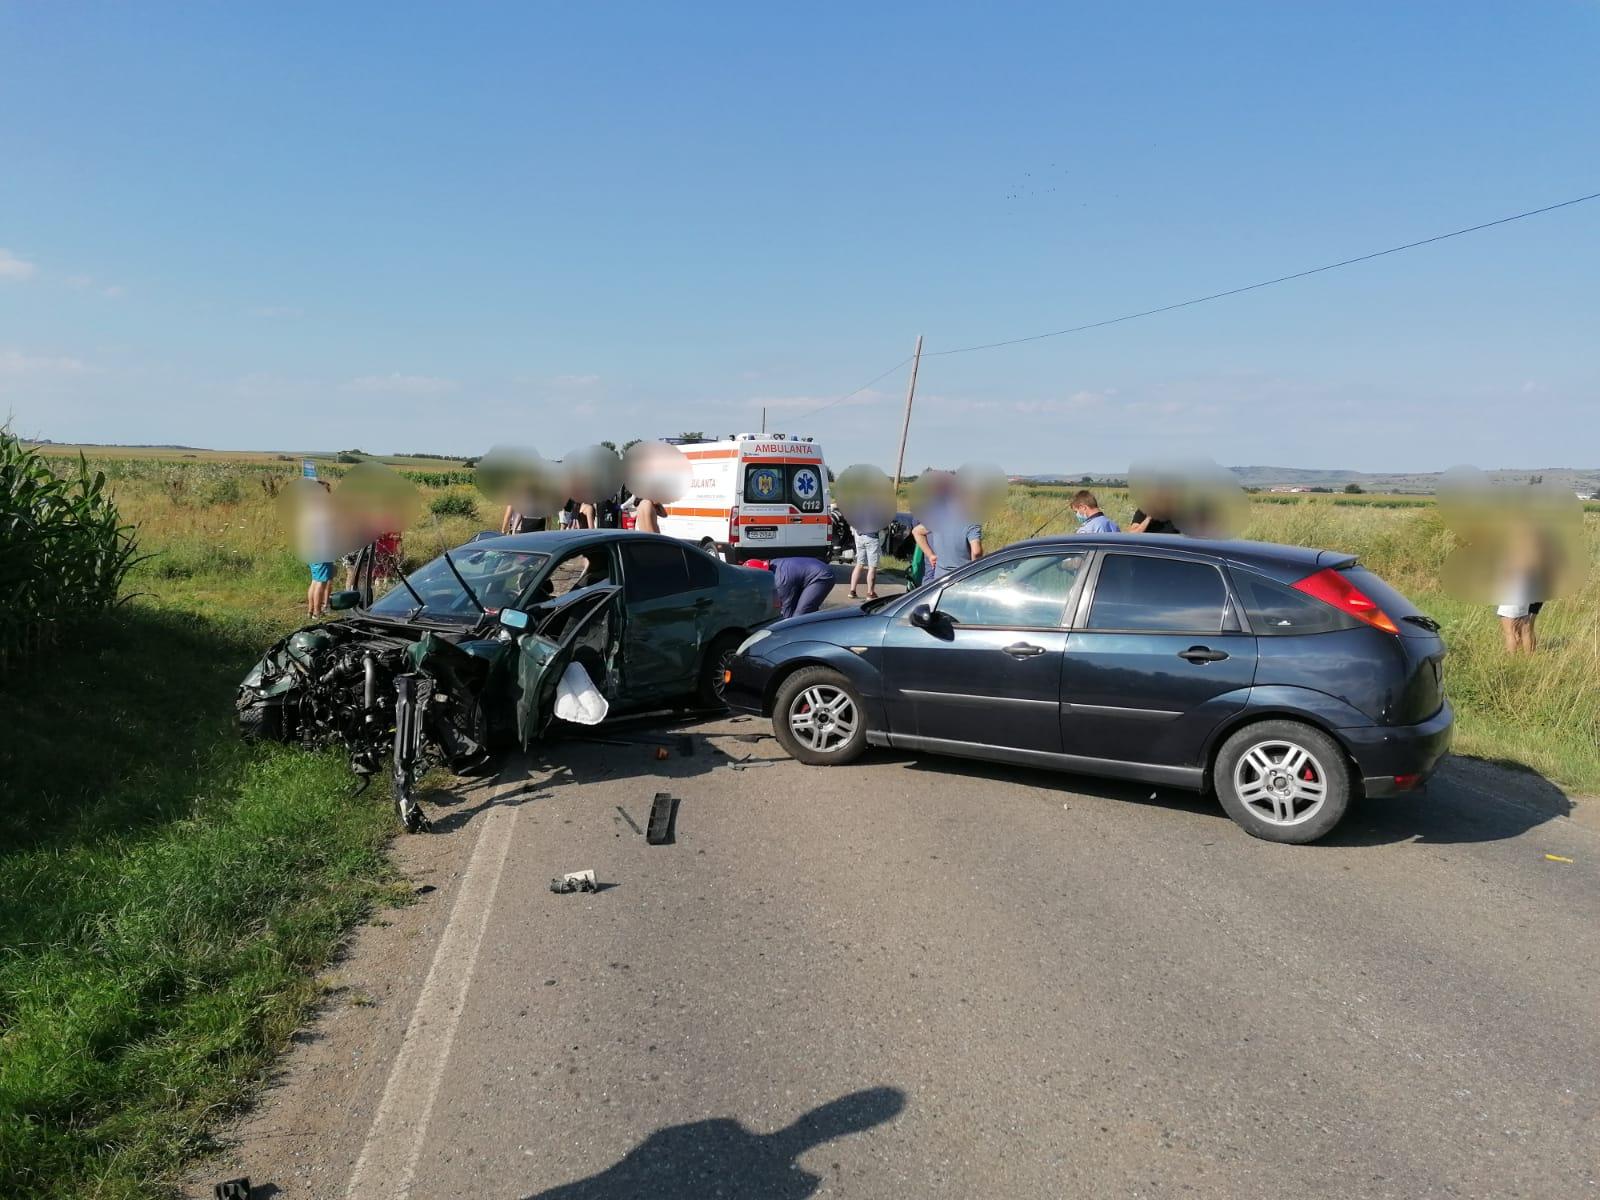 3 autoturisme implicate într-un accident rutier produs între Sura Mică și Ocna Sibiului